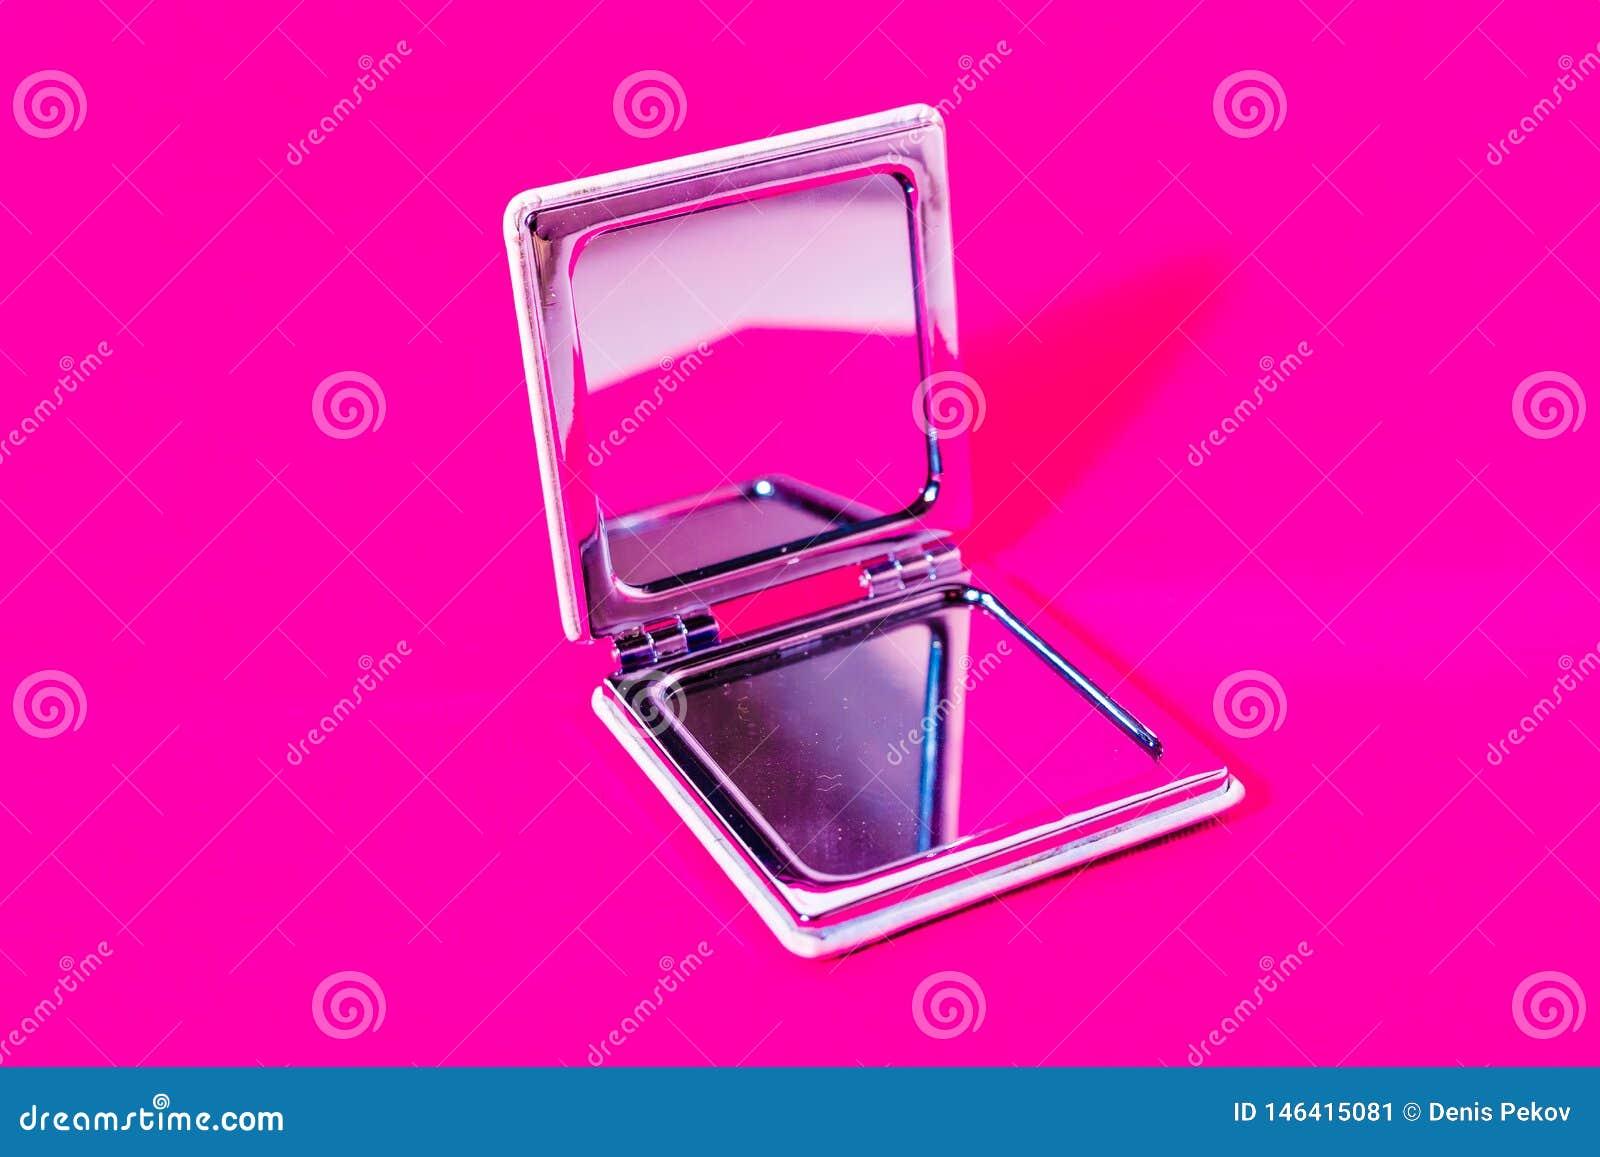 Καθρέφτης στο ροδανιλίνης υπόβαθρο